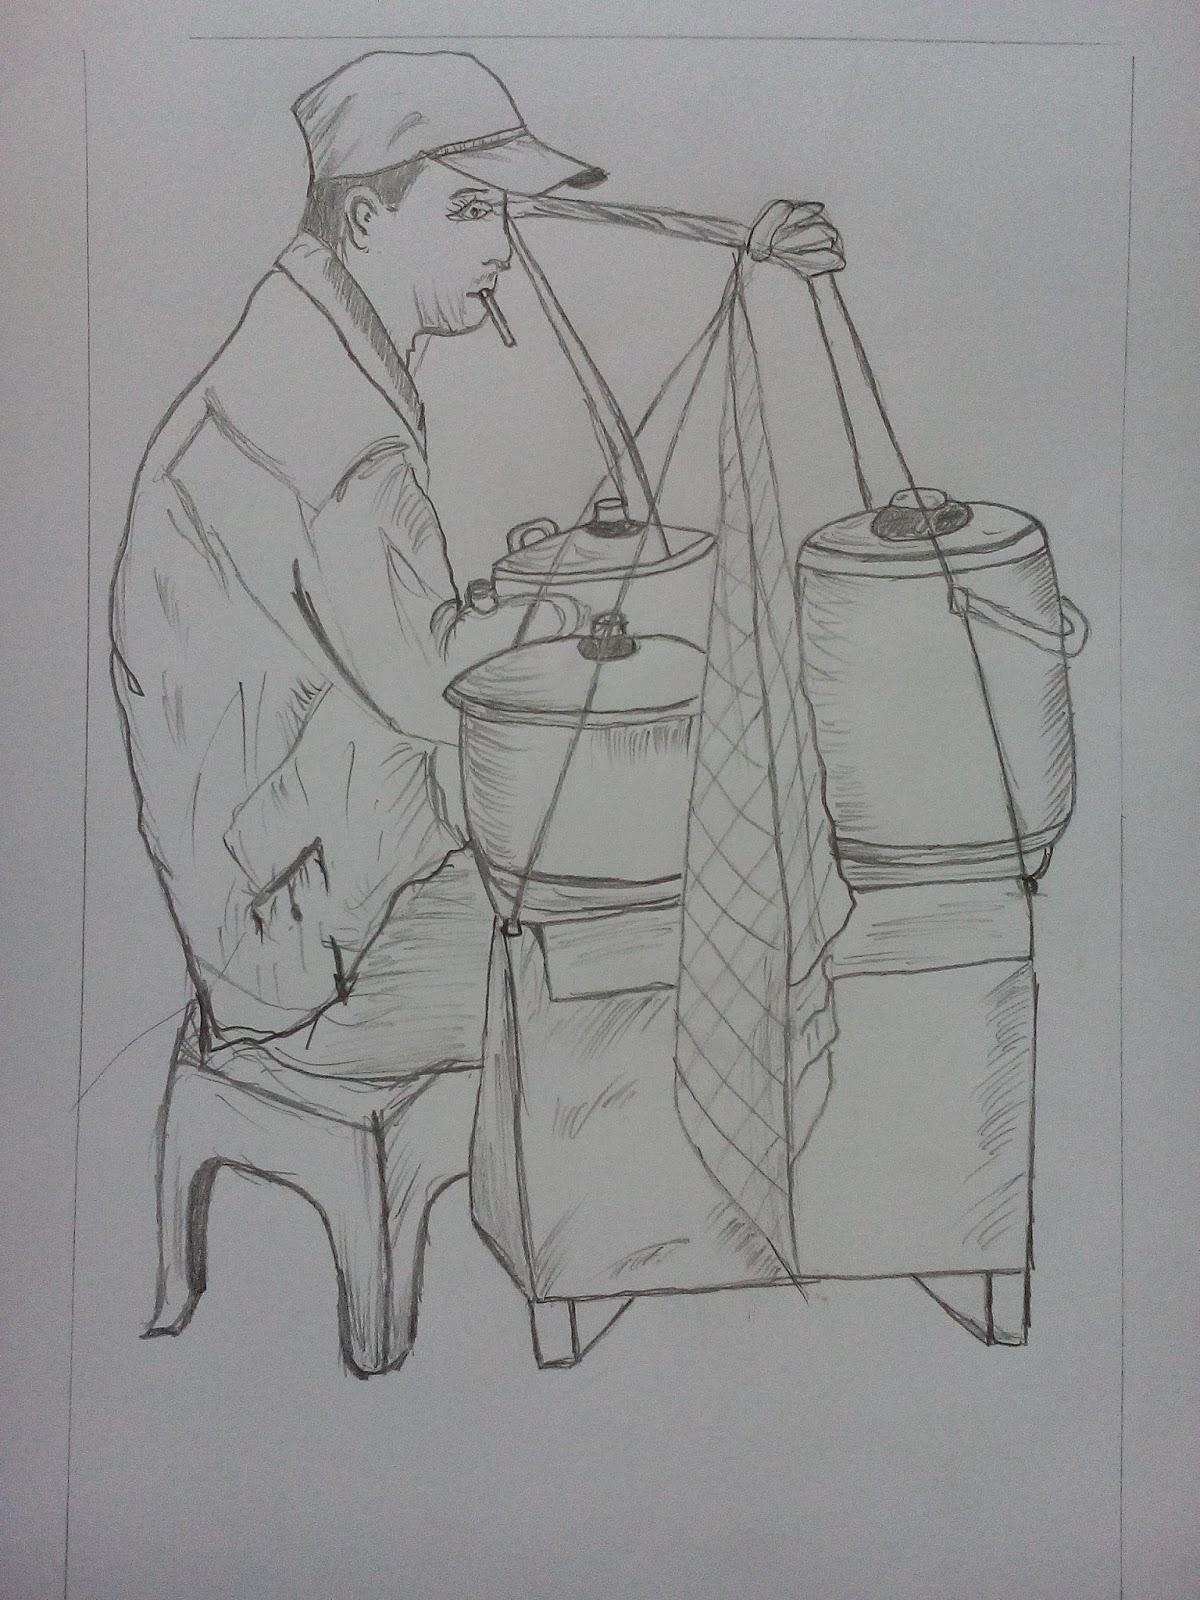 Bentuk Objek Gambar Ilustrasi Adalah : bentuk, objek, gambar, ilustrasi, adalah, Bentuk, Objek, Gambar, Ilustrasi, Manusia, Iluszi